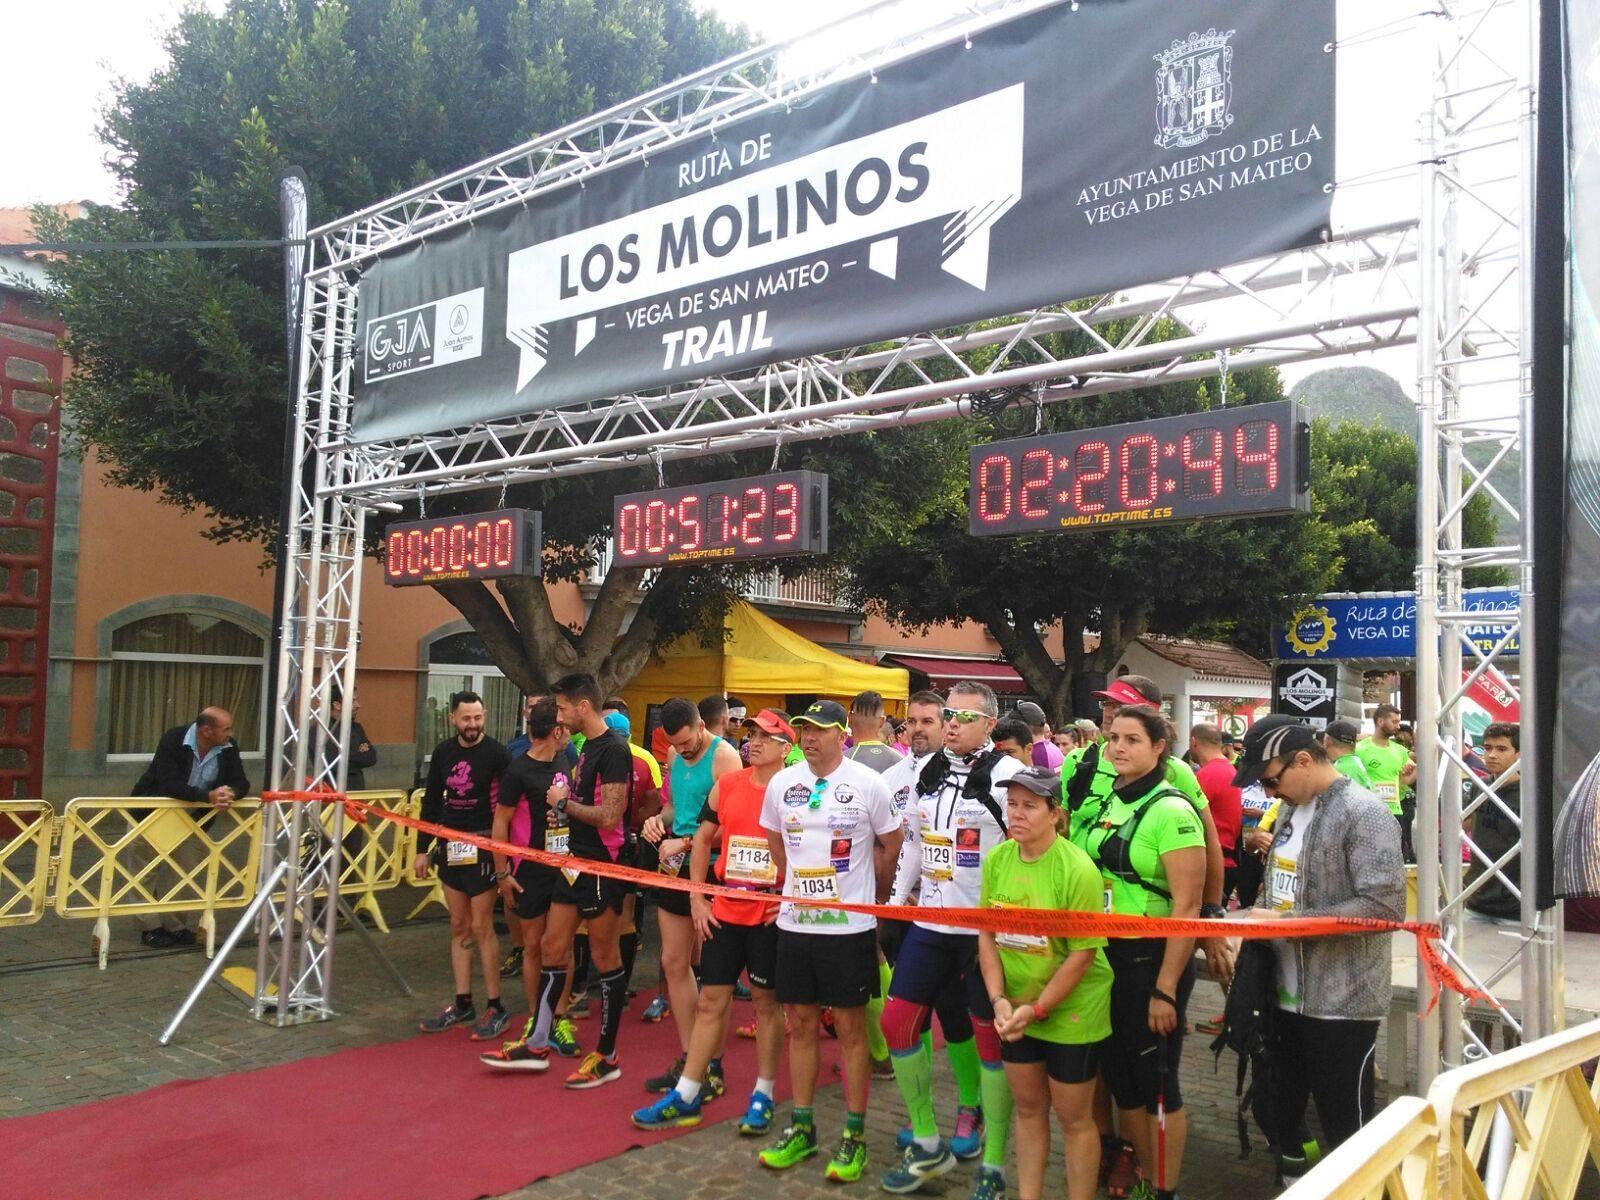 Ruta de Los Molinos 2016 San Mateo Noticias de San Mateo